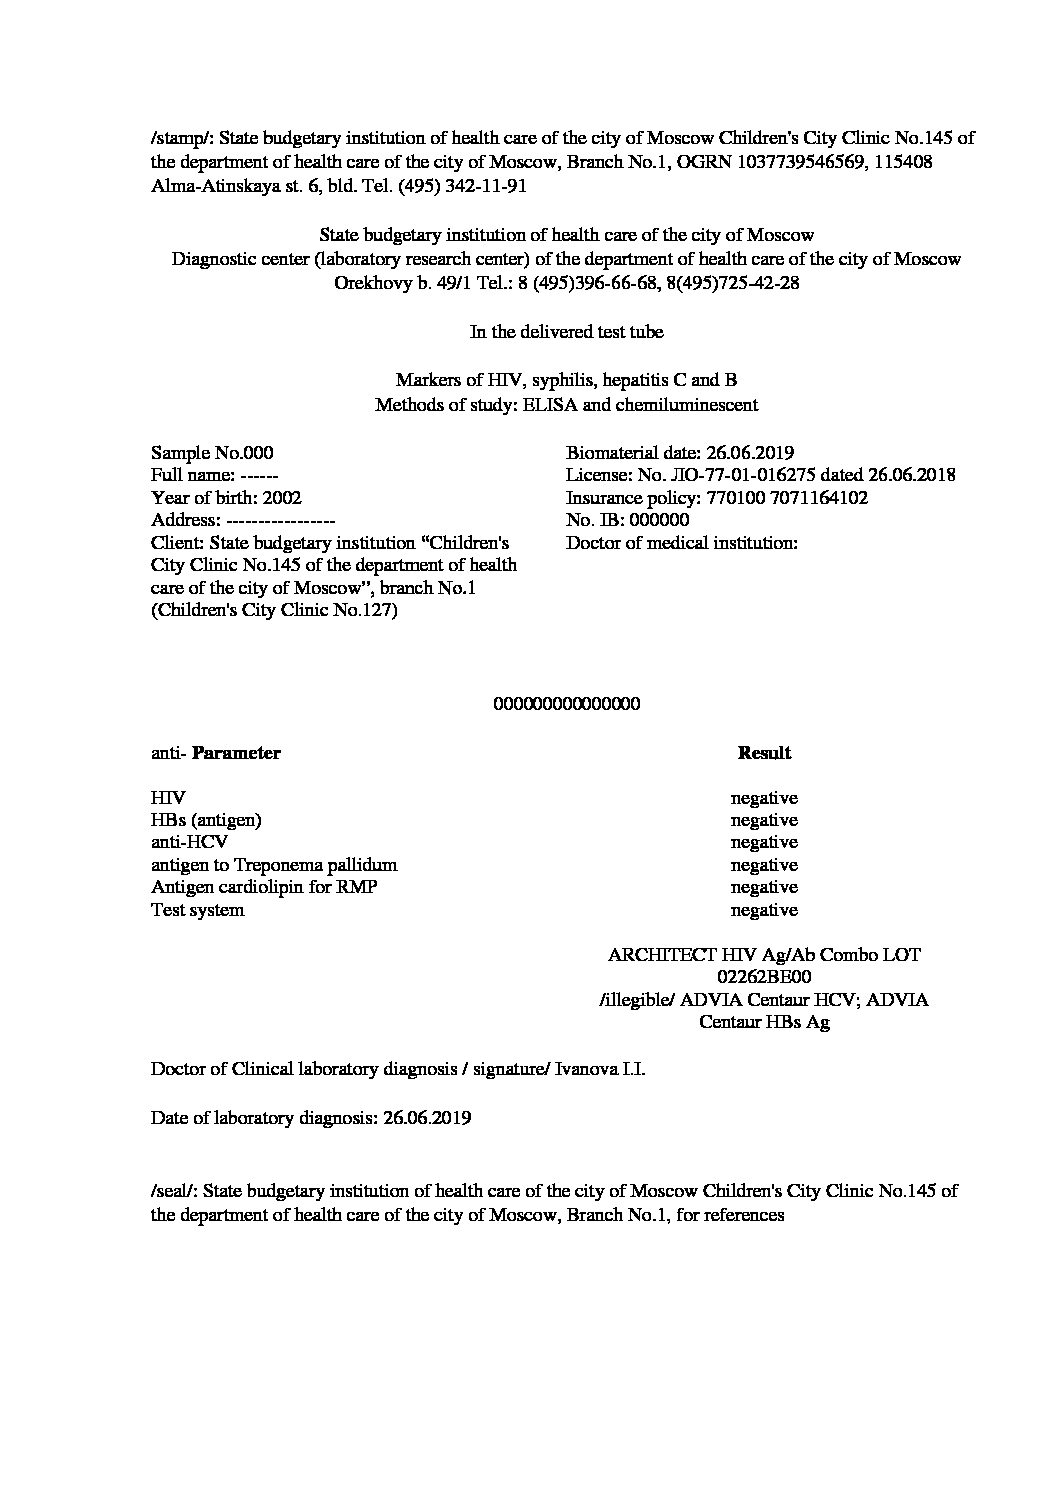 Пример перевода результатов анализов на английский